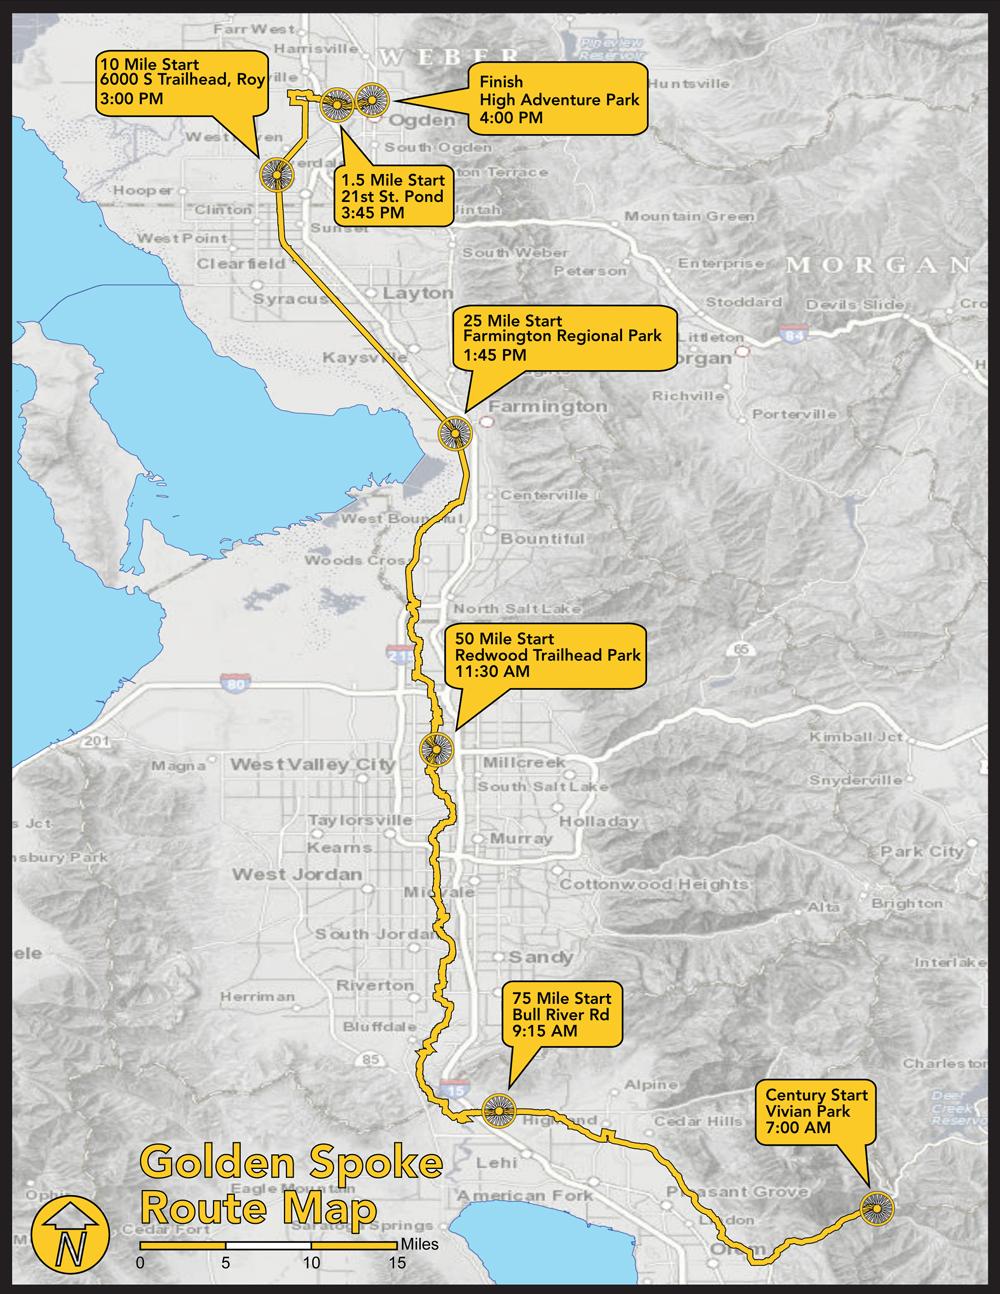 Golden Spoke Route Map